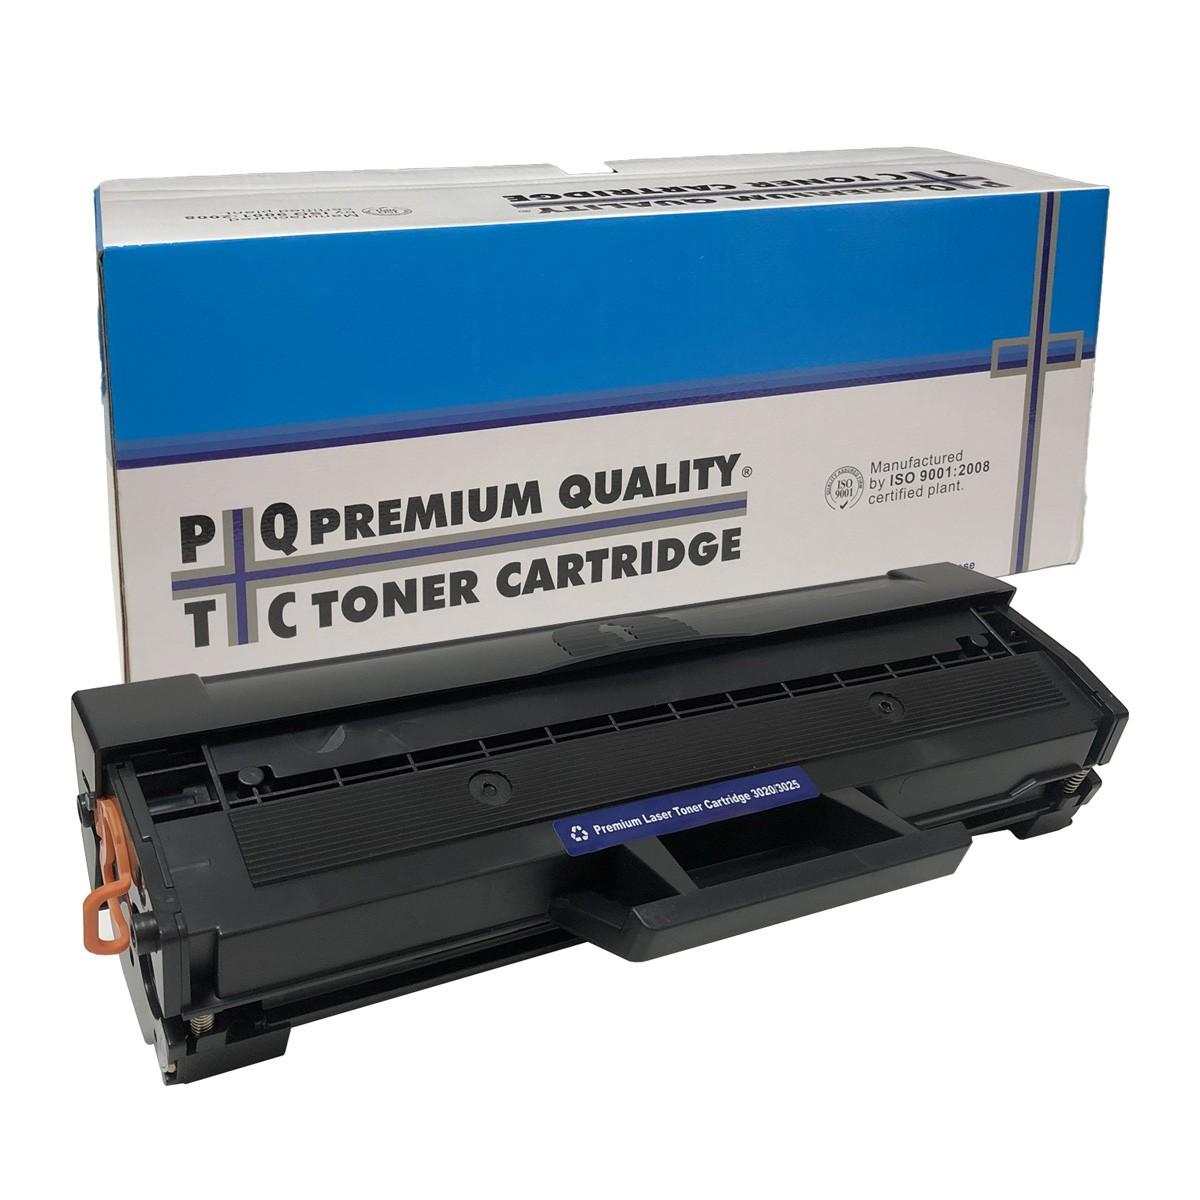 Toner Premium Quality X3020/3025 Compatível com Xerox WC3025 da WorkCentre